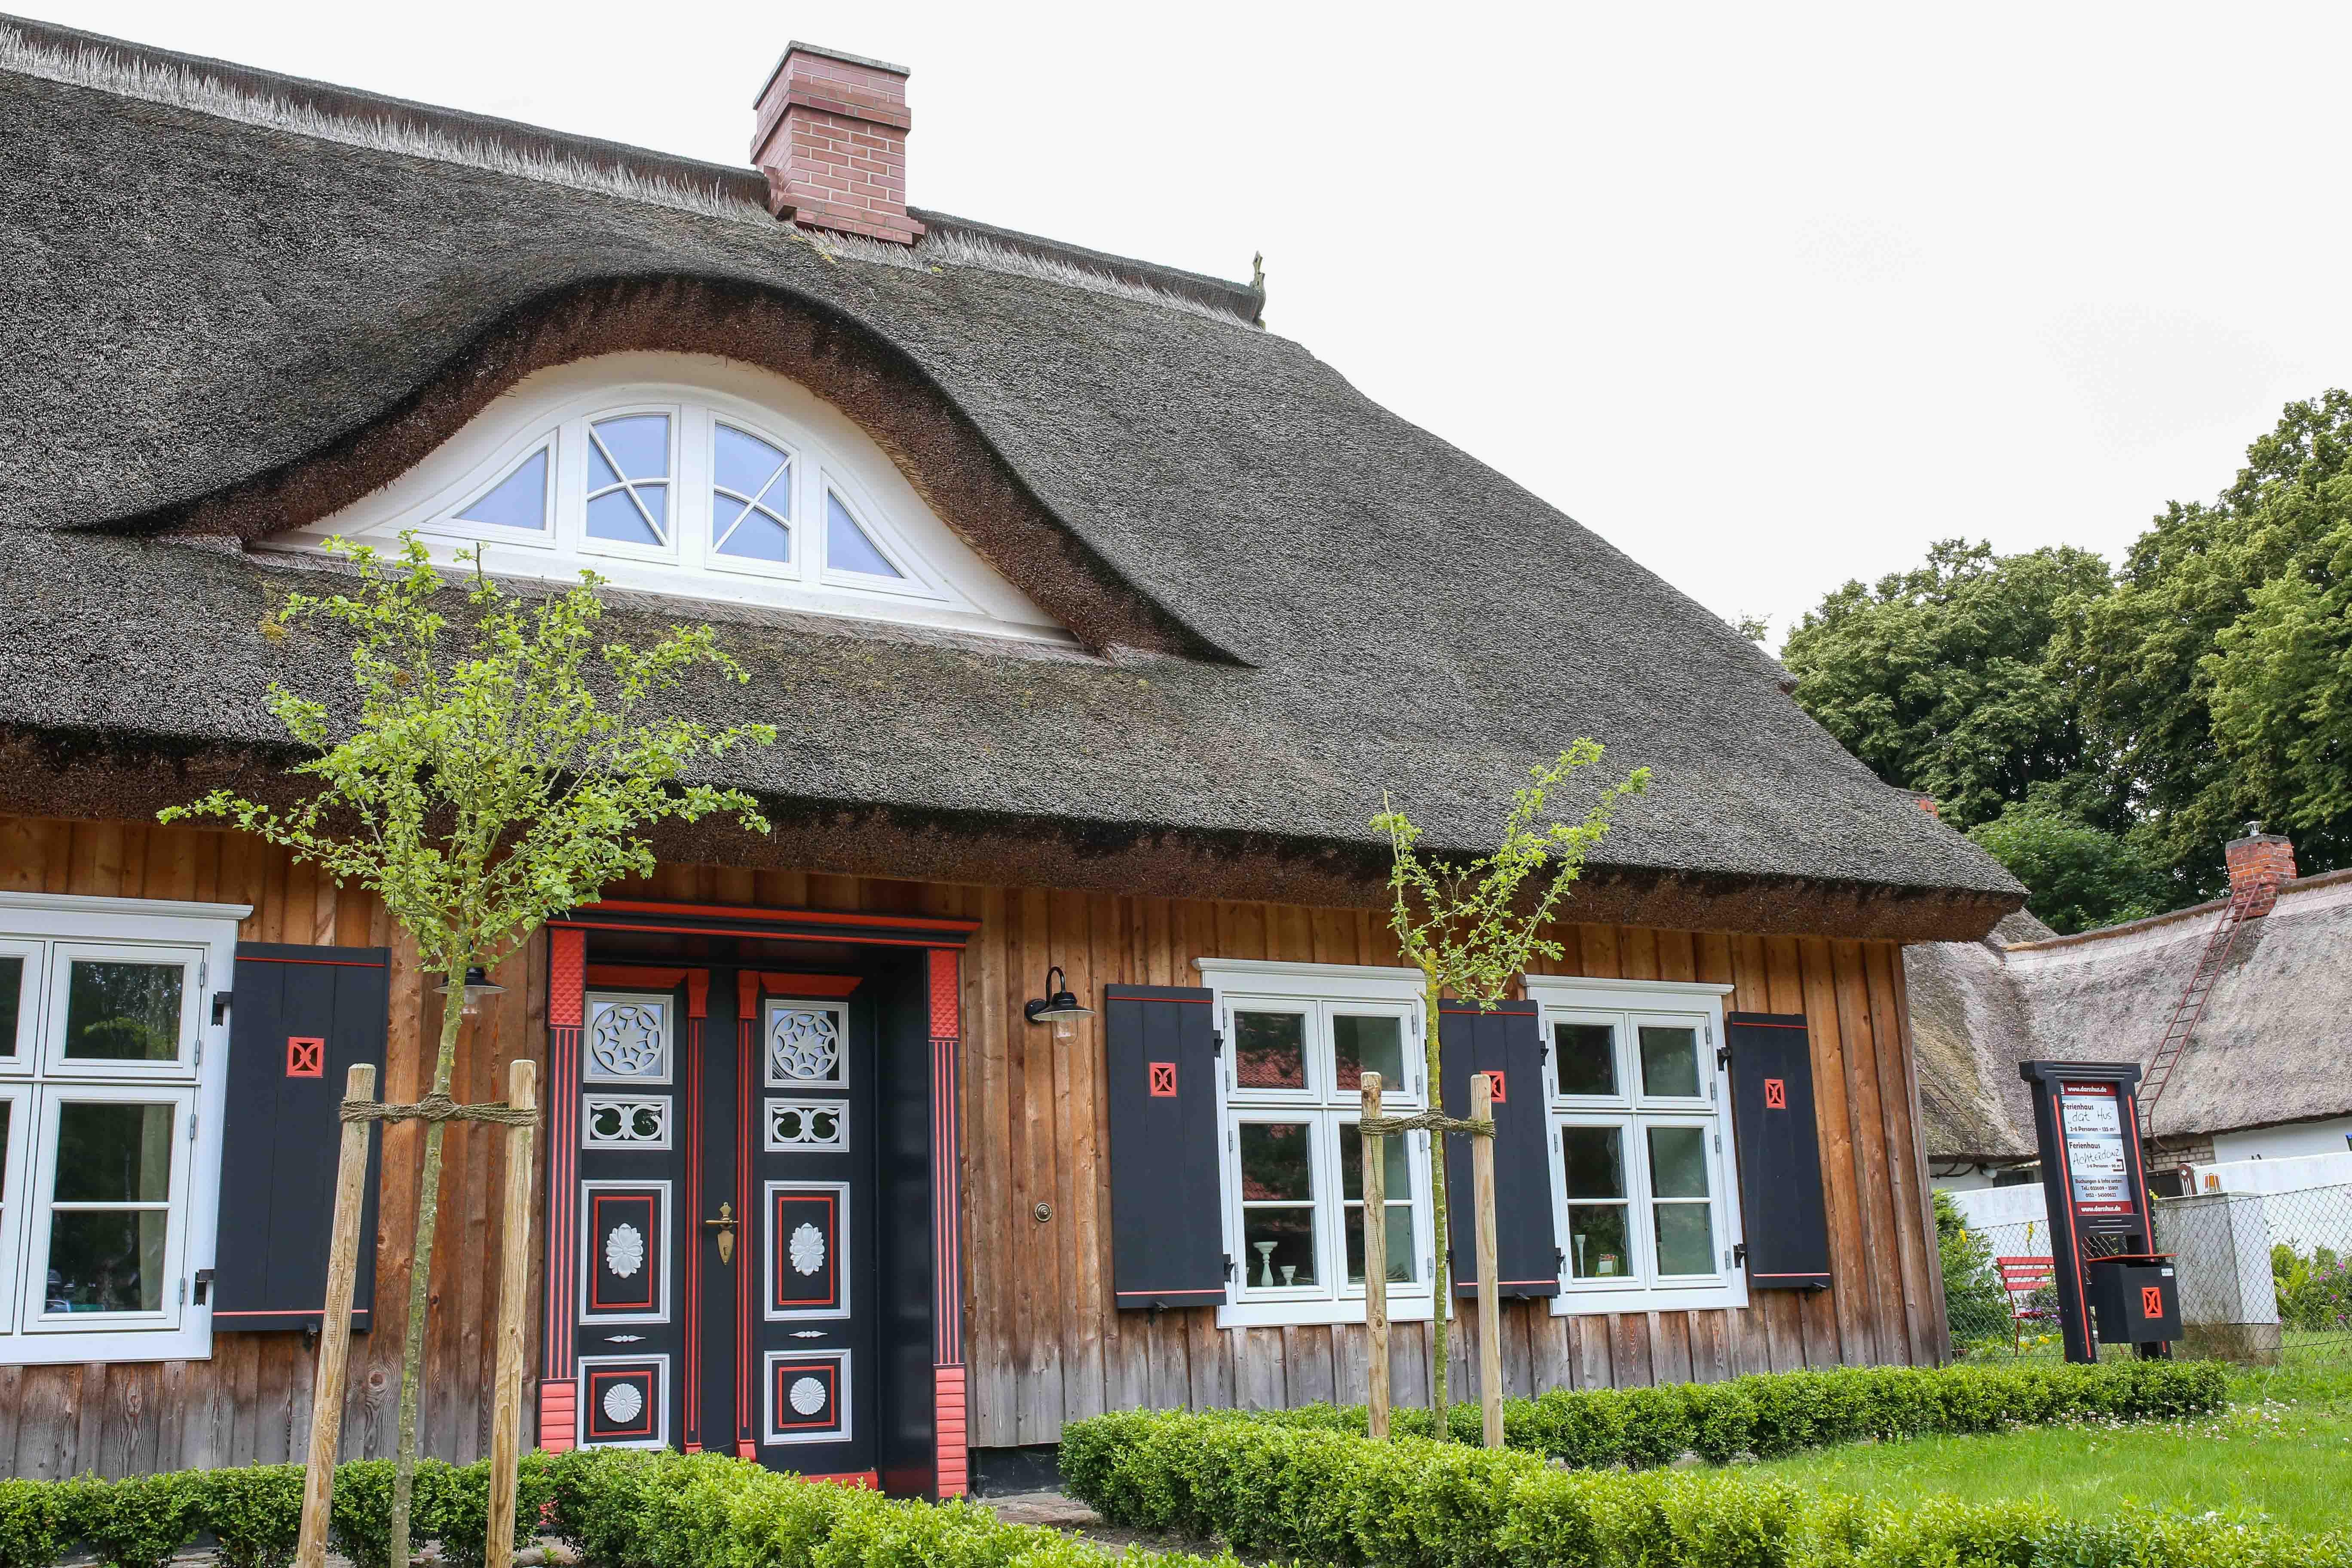 Wunderschöne Häuser an jeder Ecke